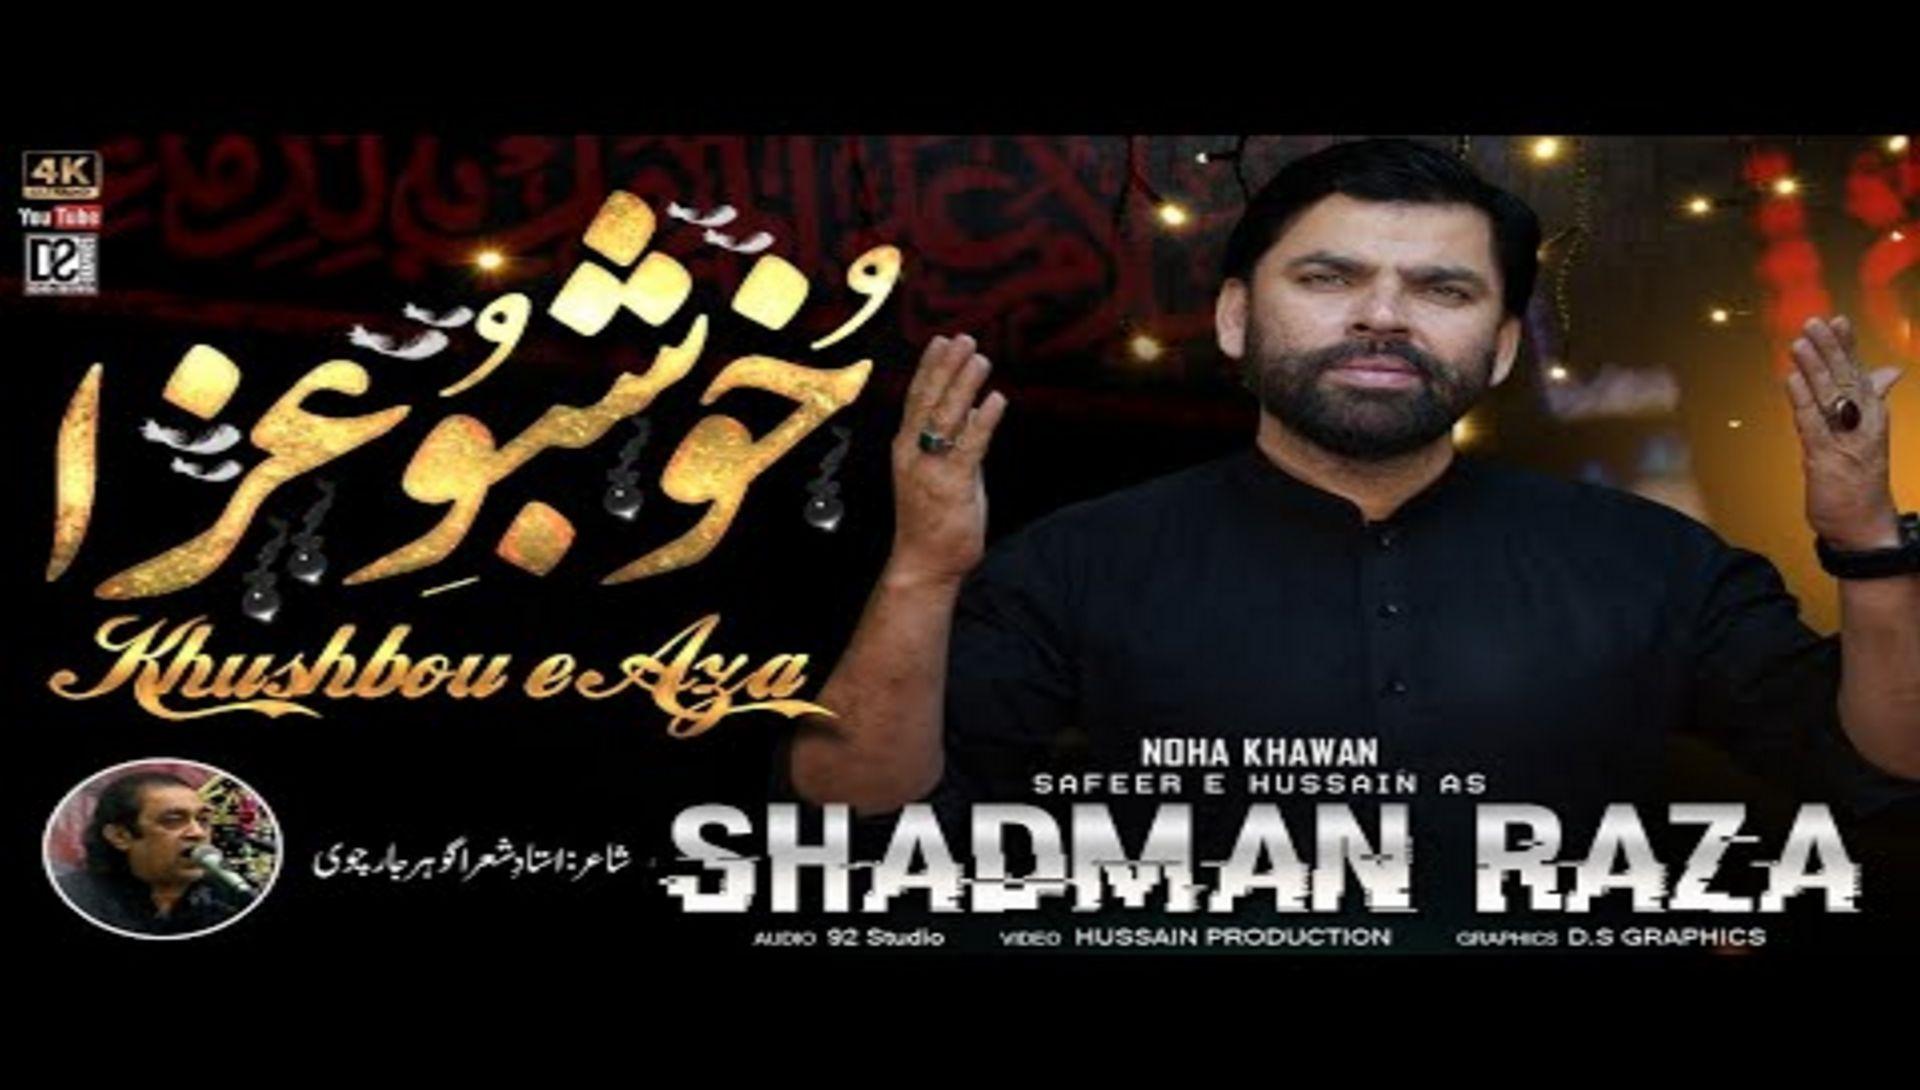 Khushbou E Aza Ane Lagi | Shadman Raza Naqvi New Nohay 2021 | New Nohay 1443-2021 Ayame Aza